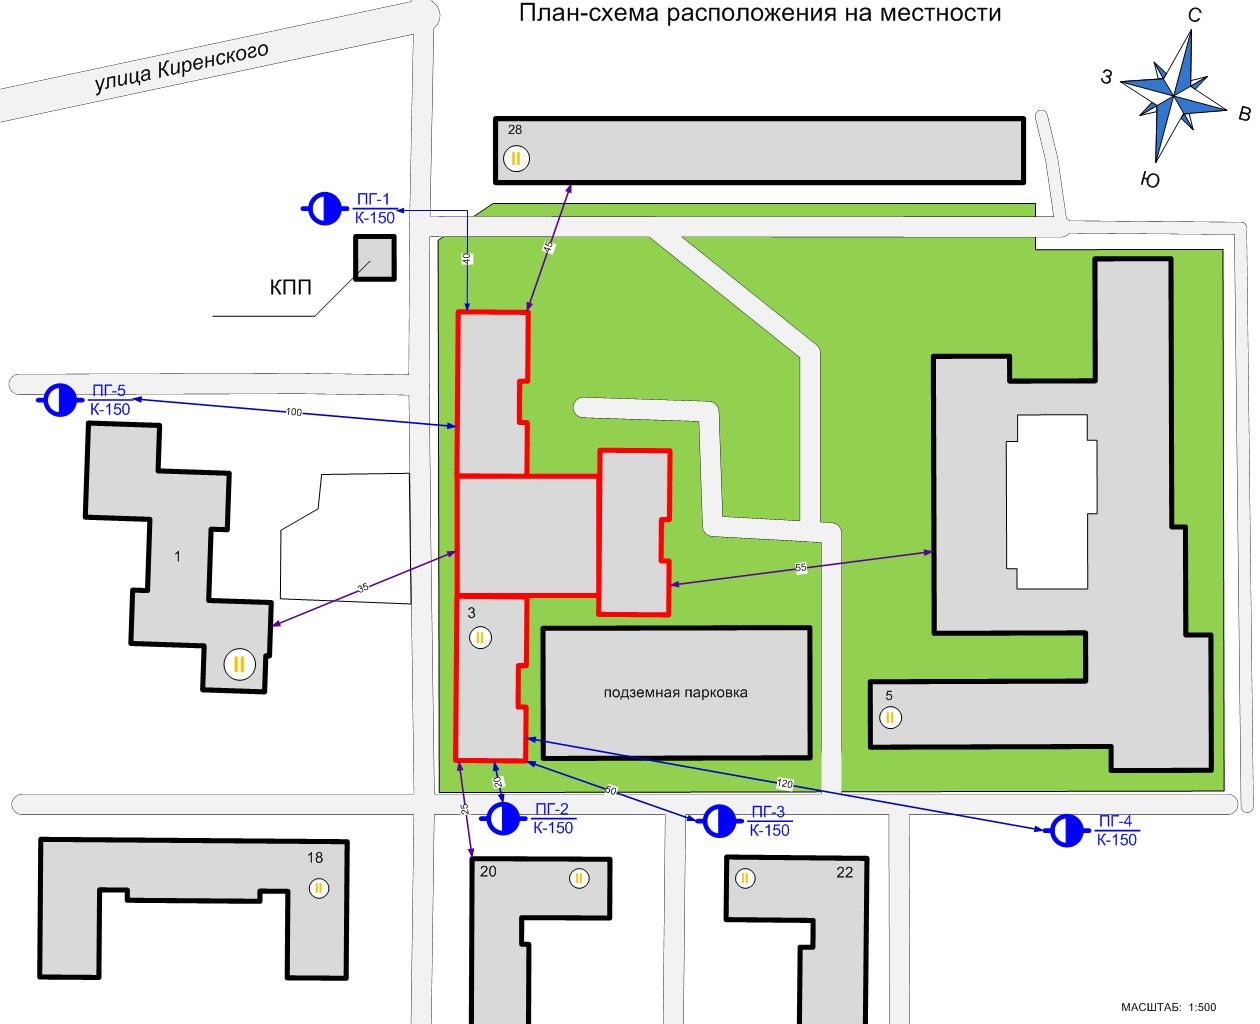 Планы тушения распространяются не только на действия внутри здания, но и должны учитывать особенности прилегающей территории.